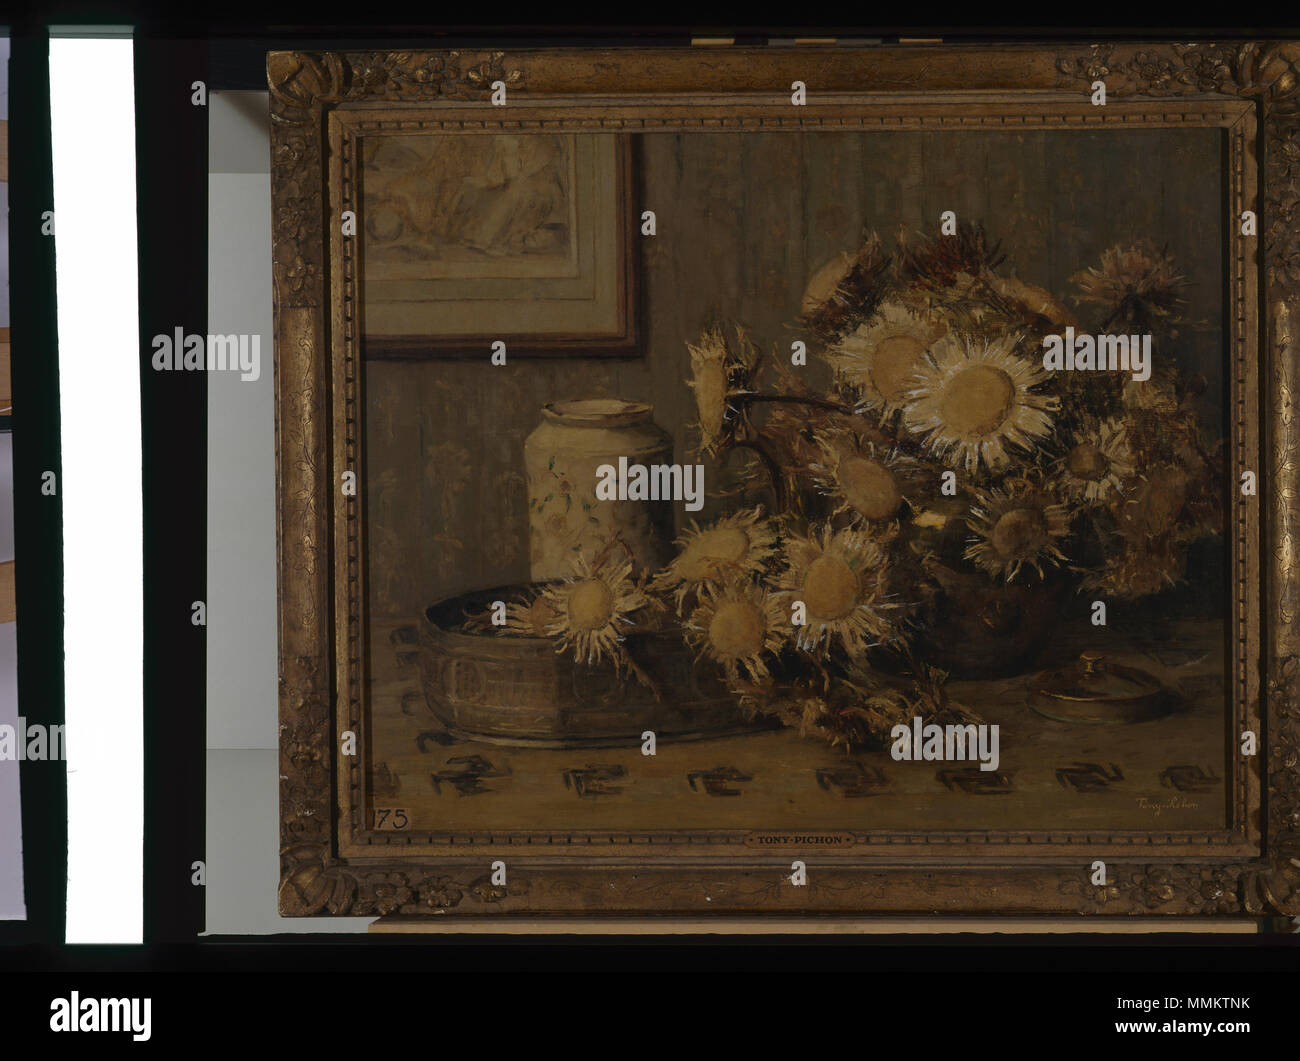 Chardons - Tony Pichon - musée d'art et d'histoire de Saint-Brieuc, DOC 175 Banque D'Images